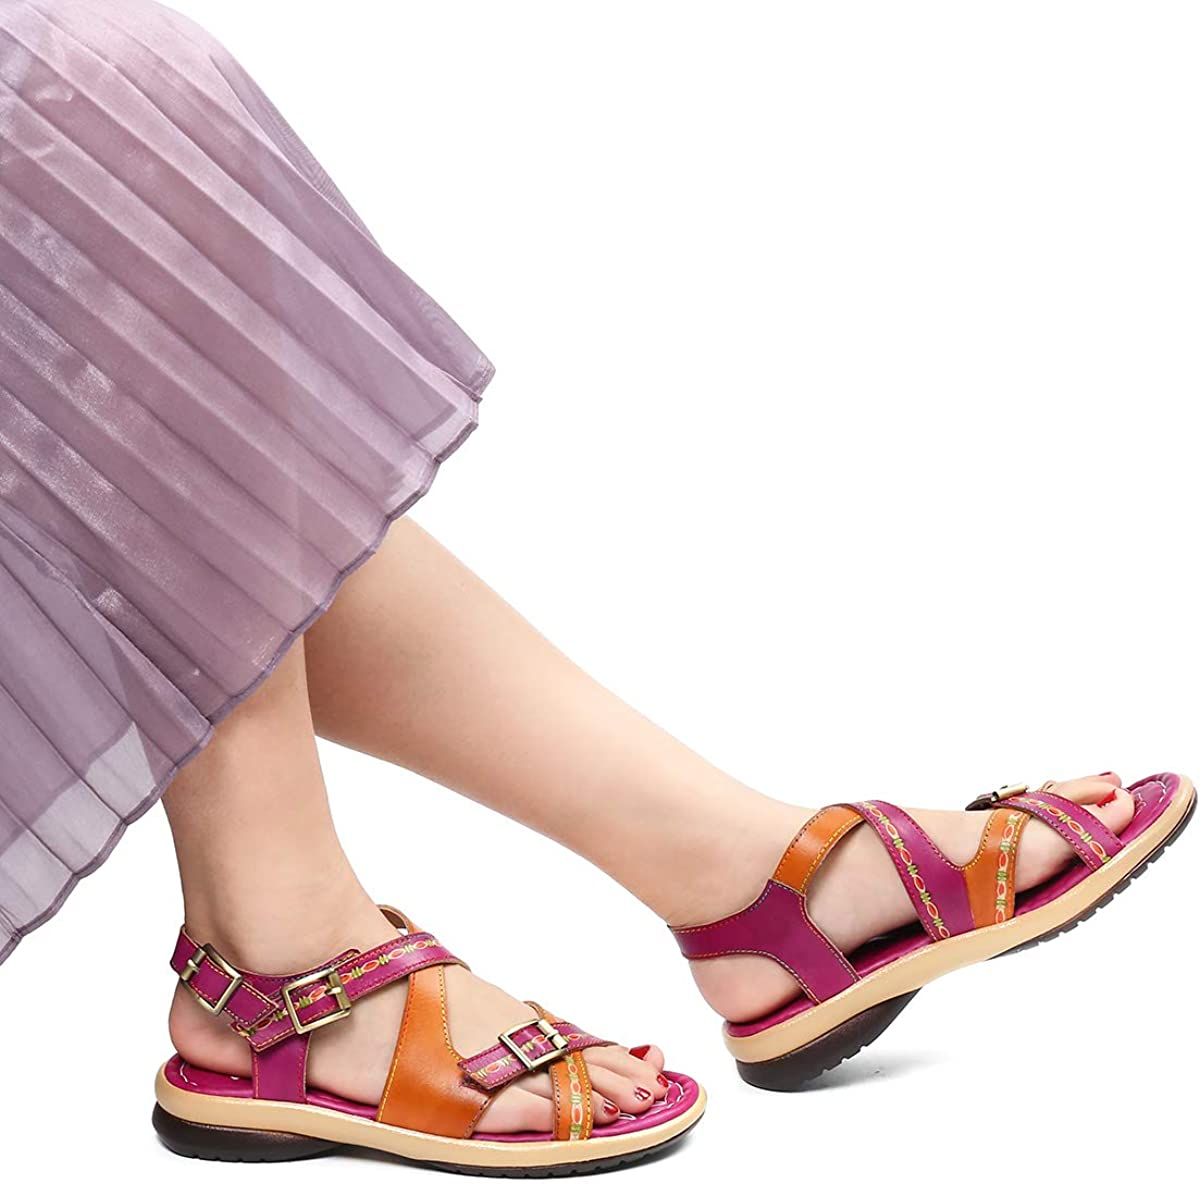 Chaussures de Ville /Ét/é Sandales Plates Semelle Confortable /à Talons Plats 2019 pour Randonn/ée Marche Pieds Larges Marron Bleu Rouge Gracosy Sandales Cuir Femmes